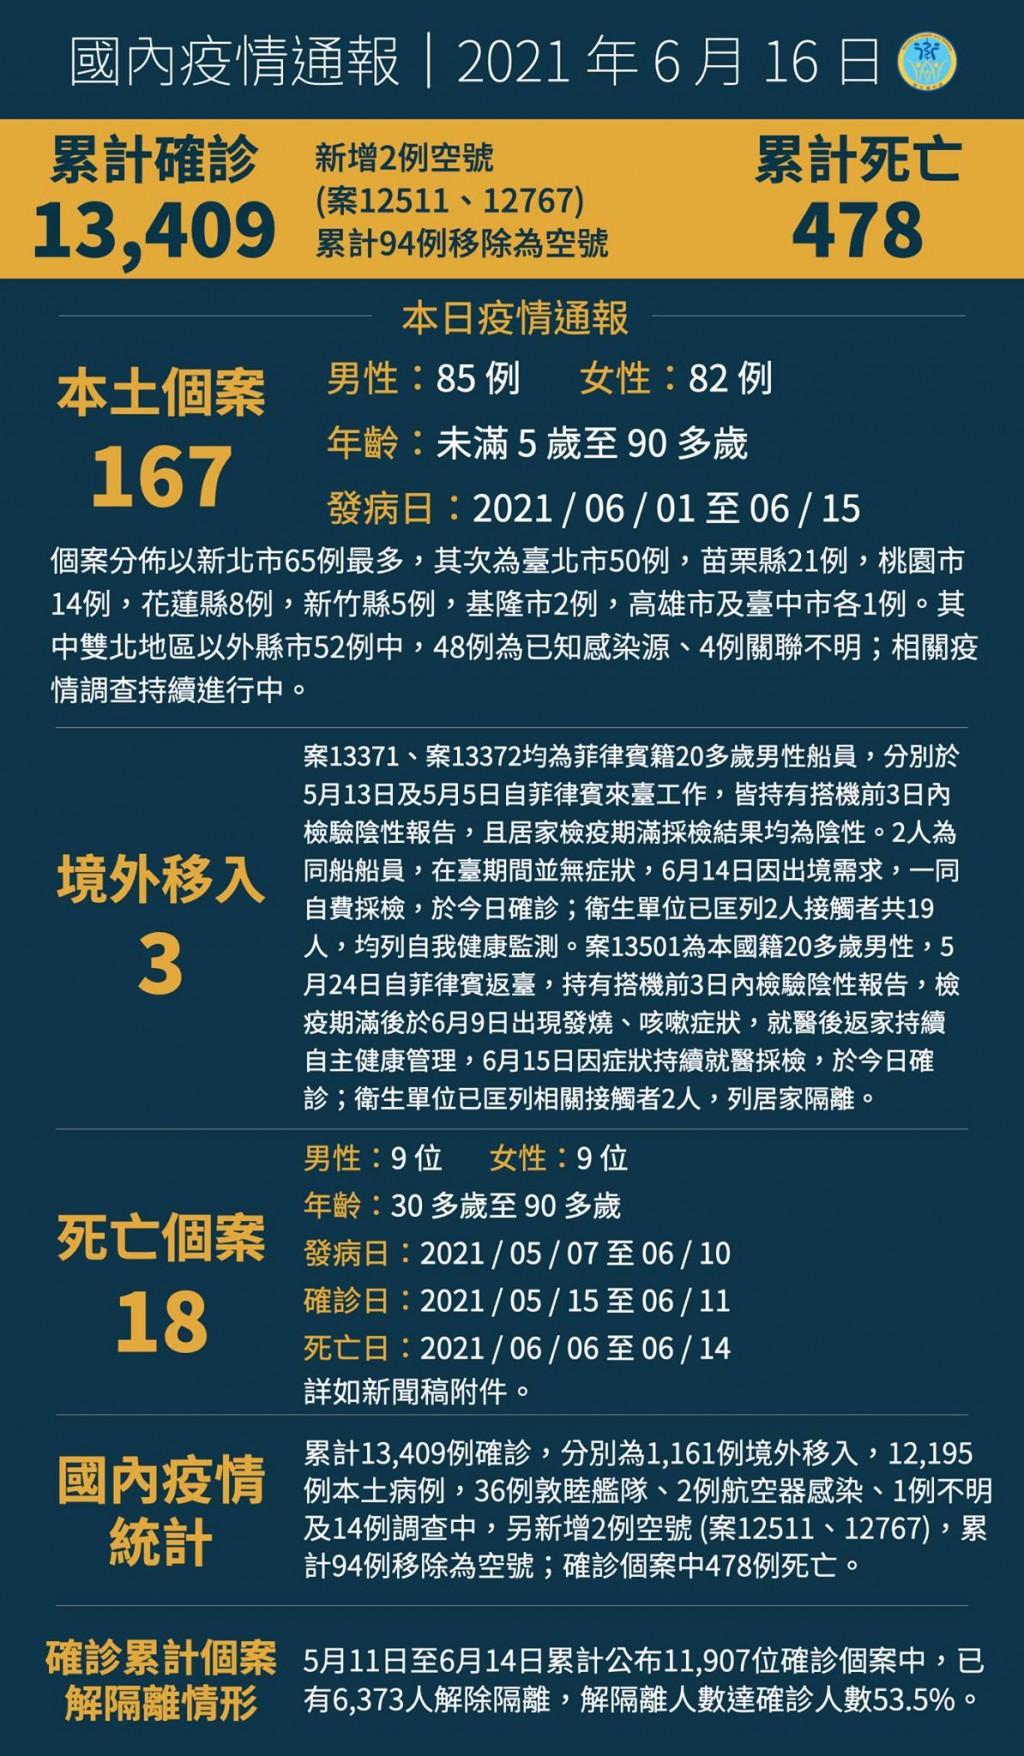 更新【各縣市施打措施】日本贈台灣AZ疫苗首波6/12開打 新北配8.3萬劑最多•高雄8萬•台北台中各7萬劑